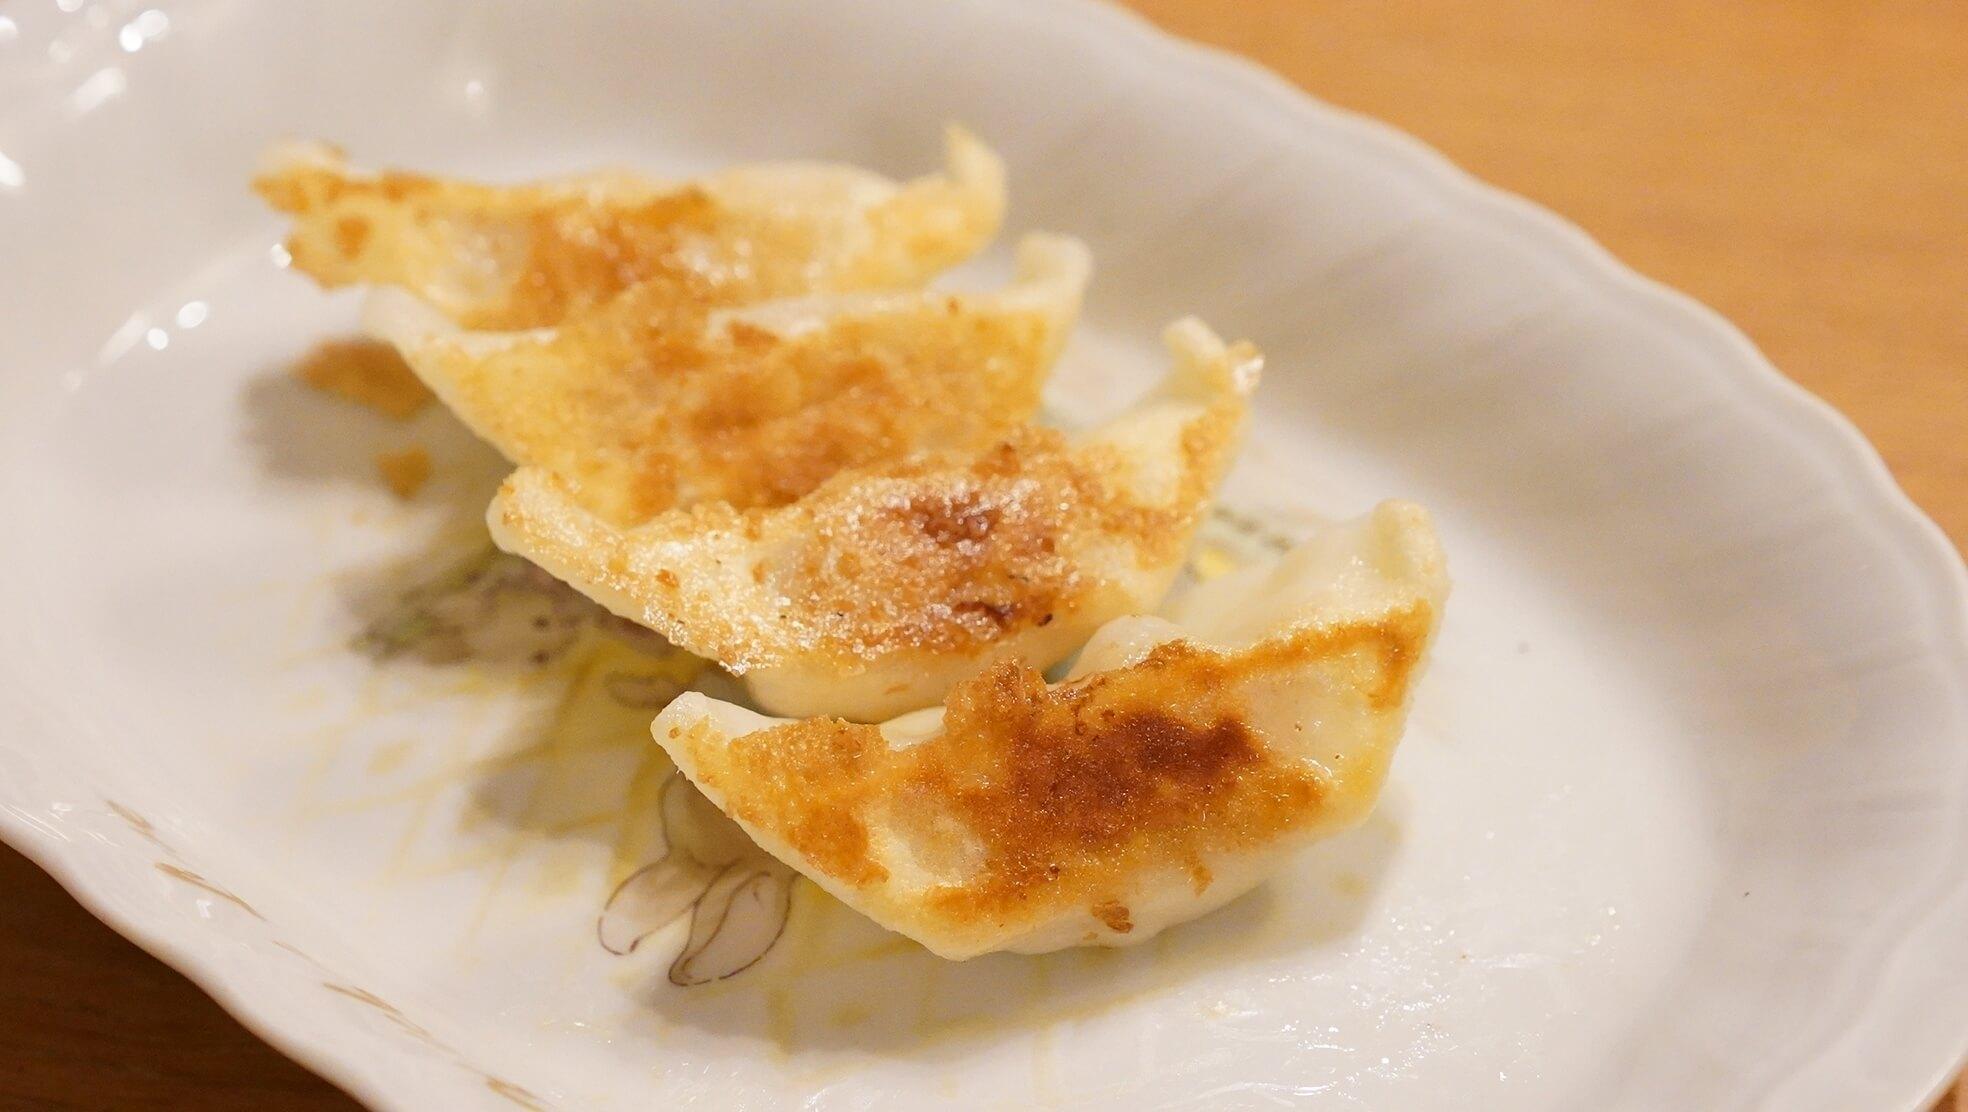 味の素のアスリート向け冷凍餃子「エナジーギョーザ」の拡大写真